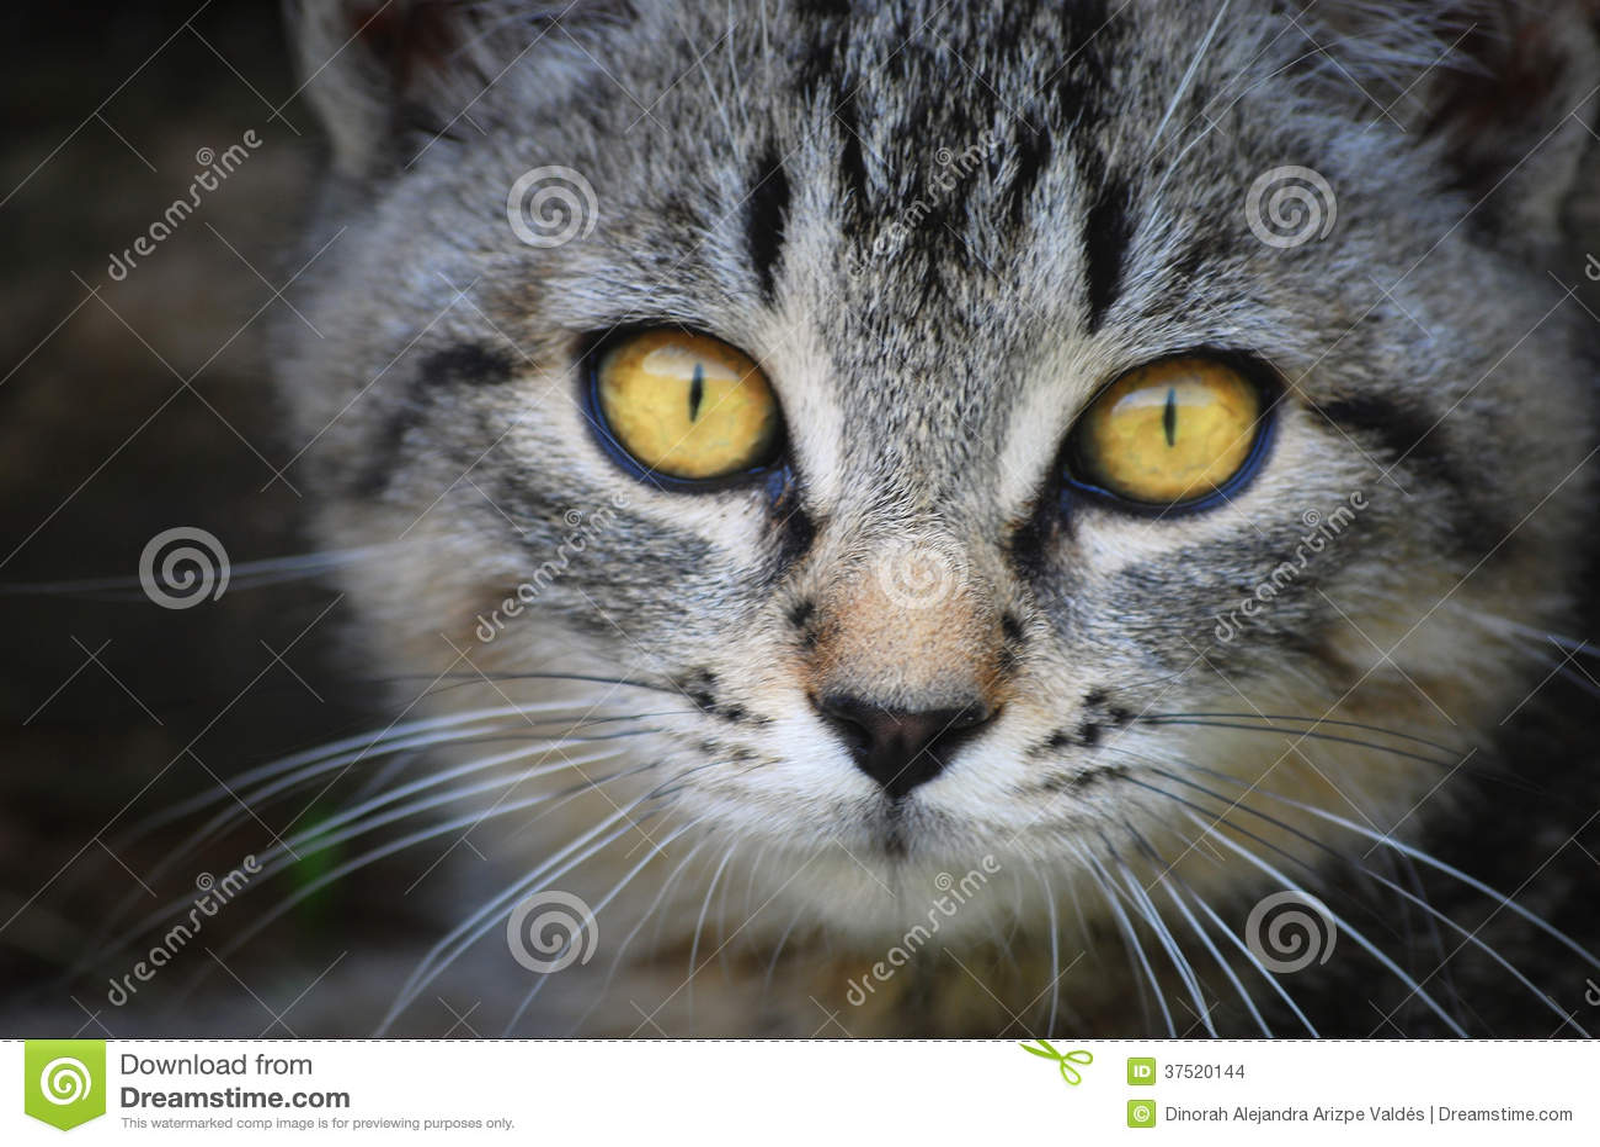 visage de chat avec les yeux jaunes photo stock image 37520144. Black Bedroom Furniture Sets. Home Design Ideas